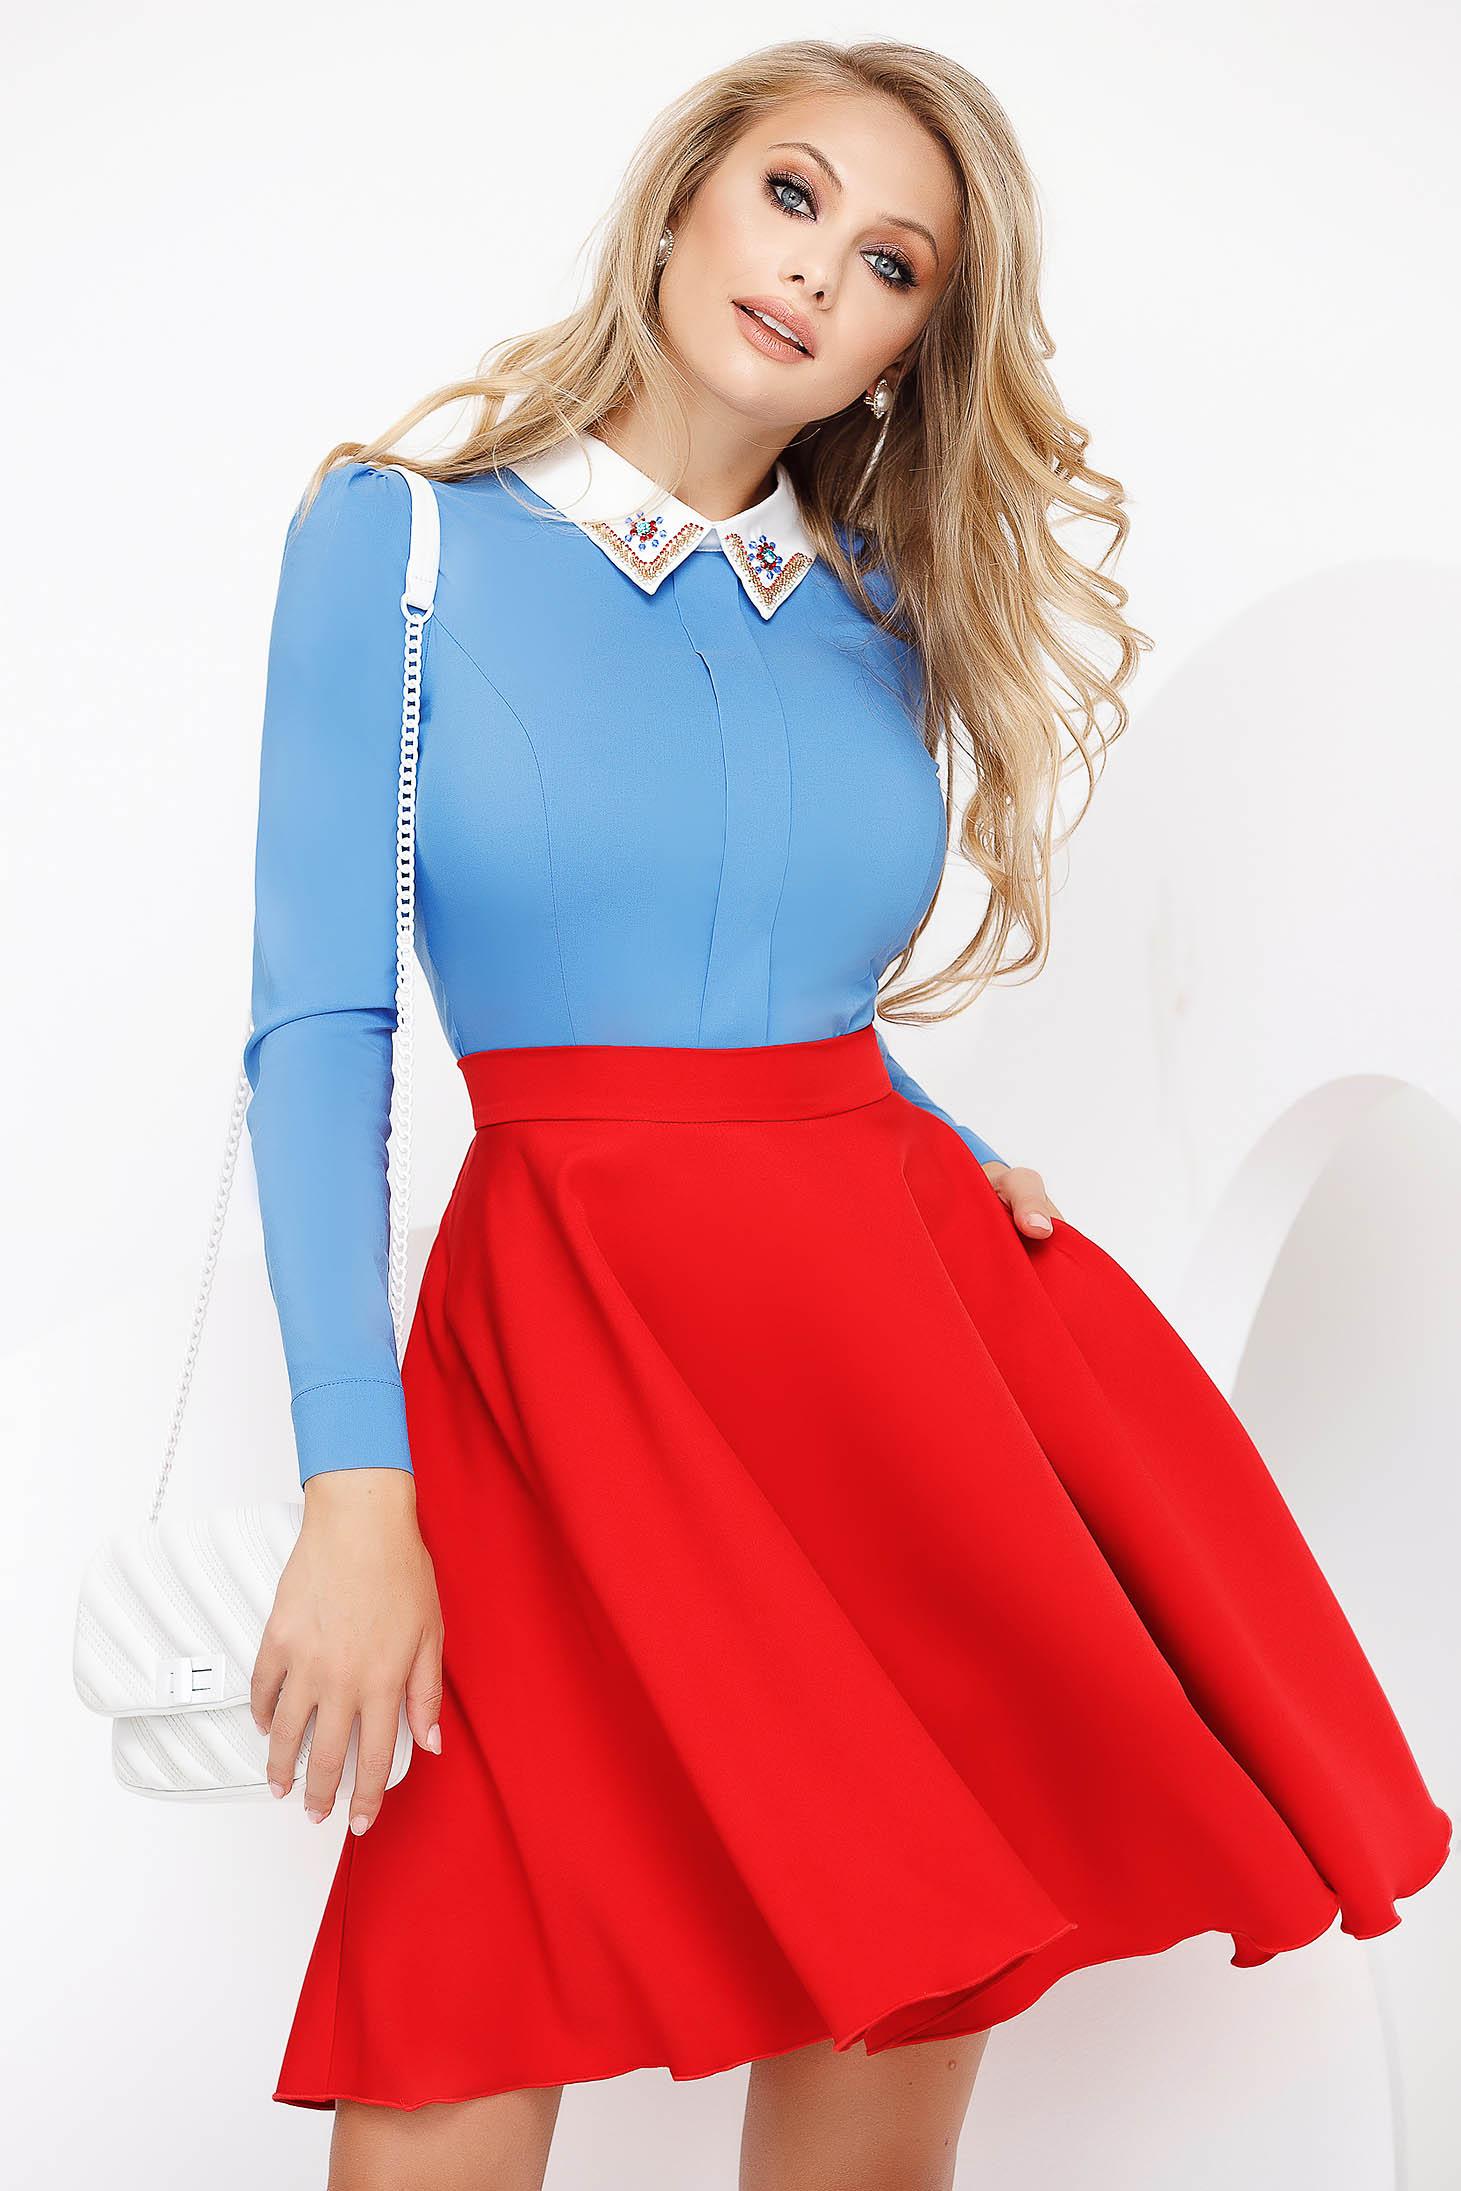 Camasa dama Fofy albastra office cu un croi mulat din bumbac usor elastic cu guler cu aplicatii cu pietre strass